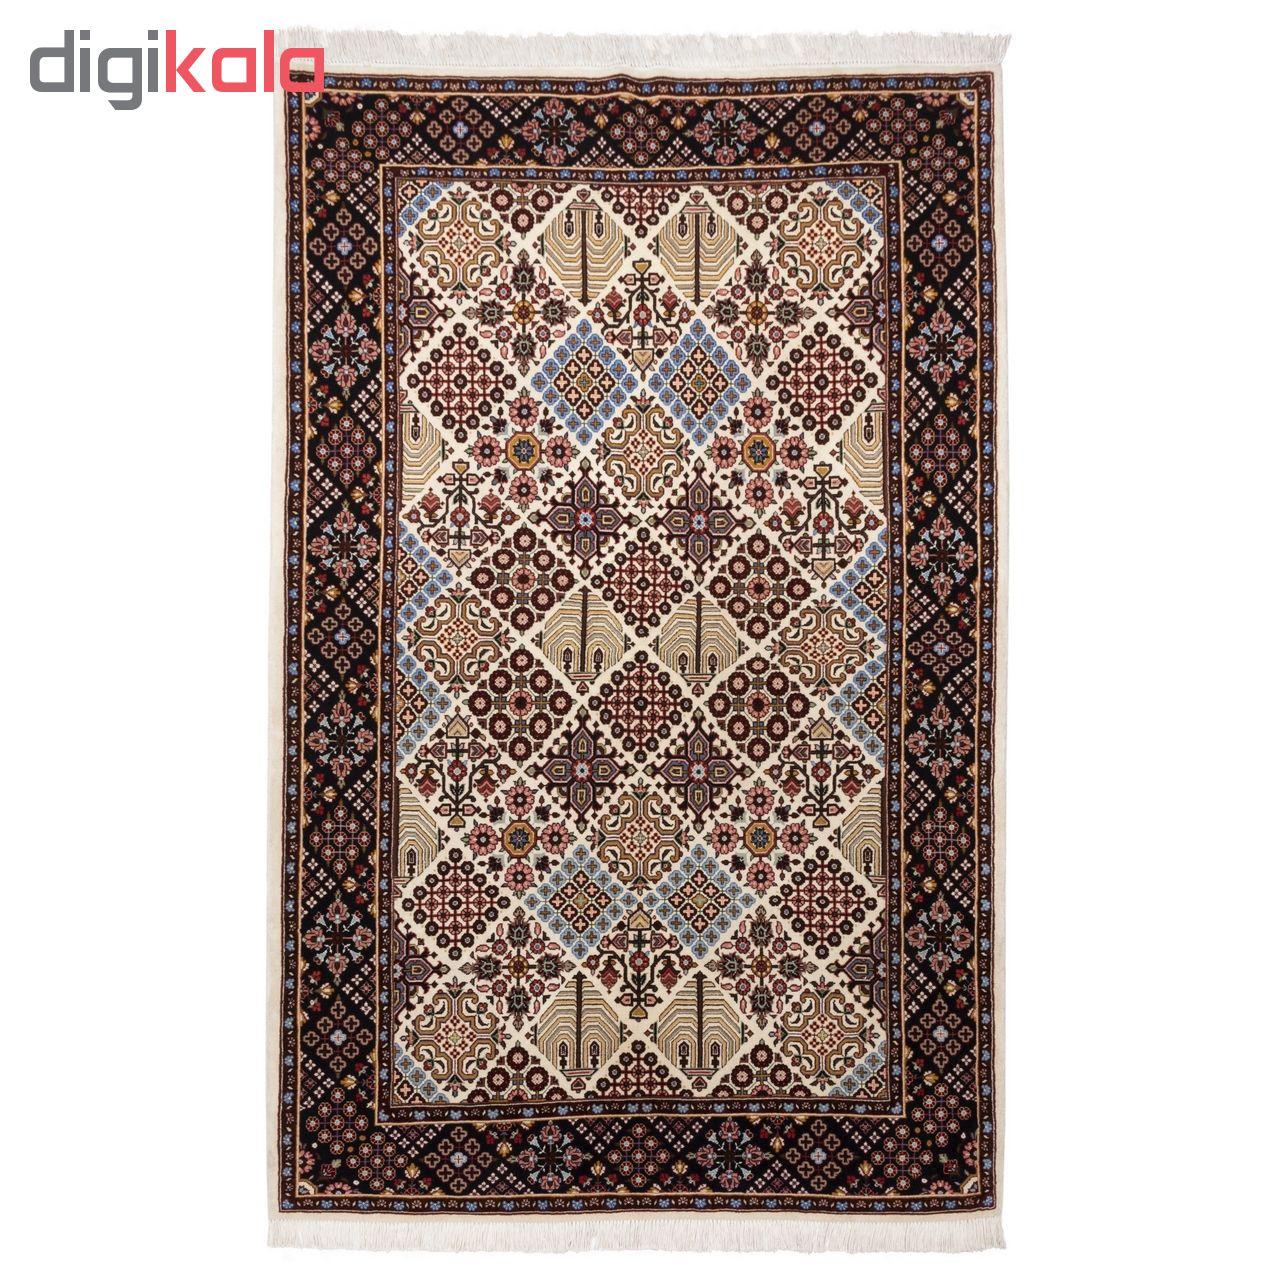 فرش دستباف سه متری سی پرشیا کد 174013